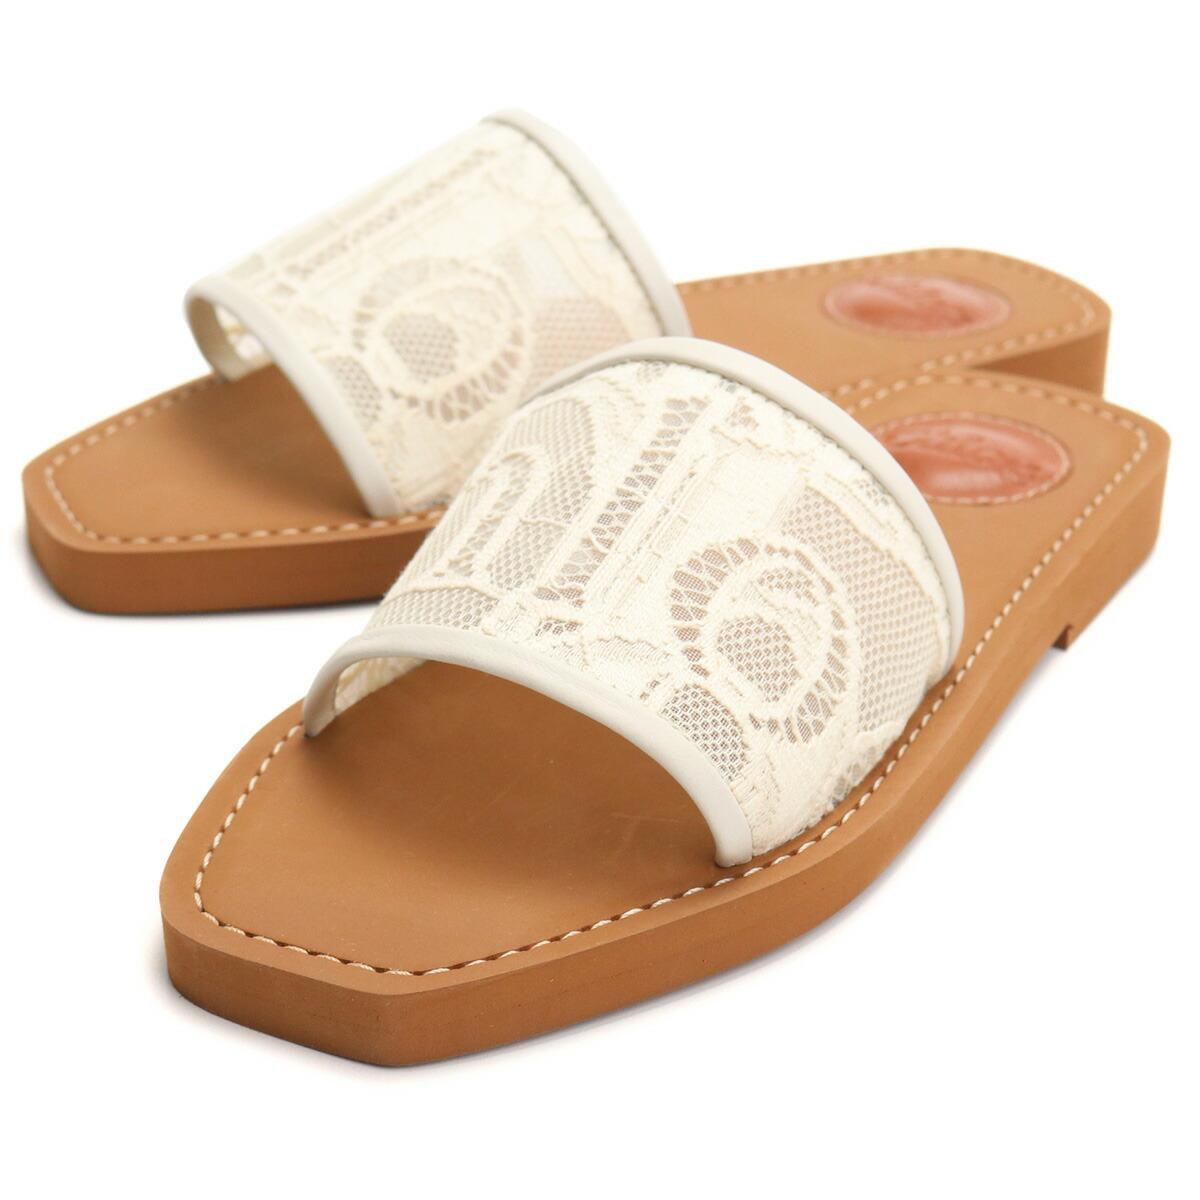 クロエ CHLOE サンダル CHC19U187D2 6J1 MILD BEIGE ベージュ系 shoes-01 レディース